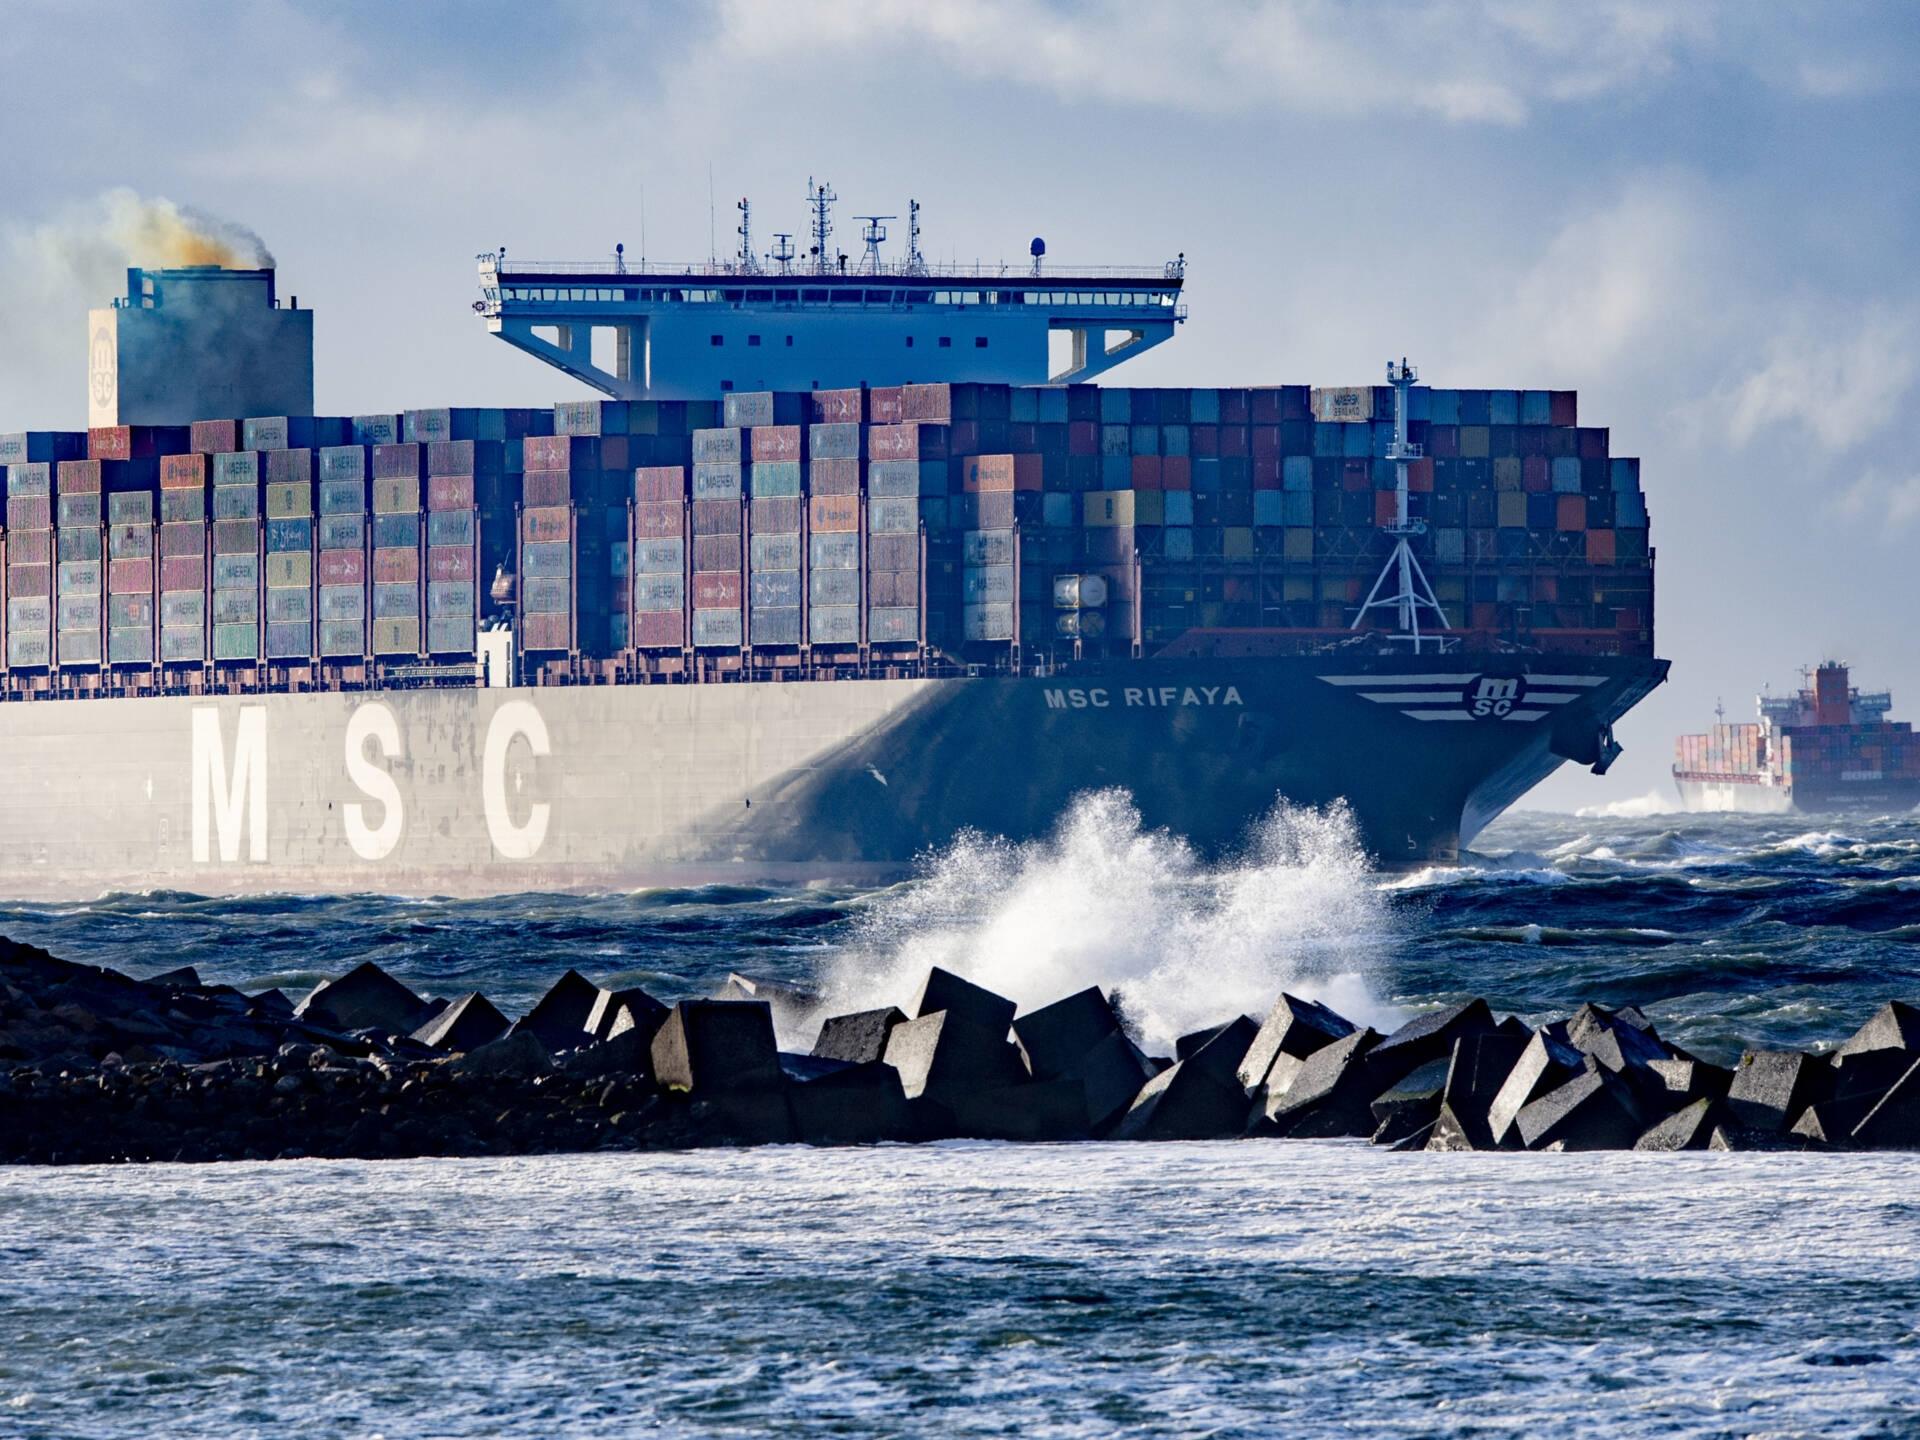 Europees Parlement: 'Scheepvaart moet per 2050 uitstootvrij'